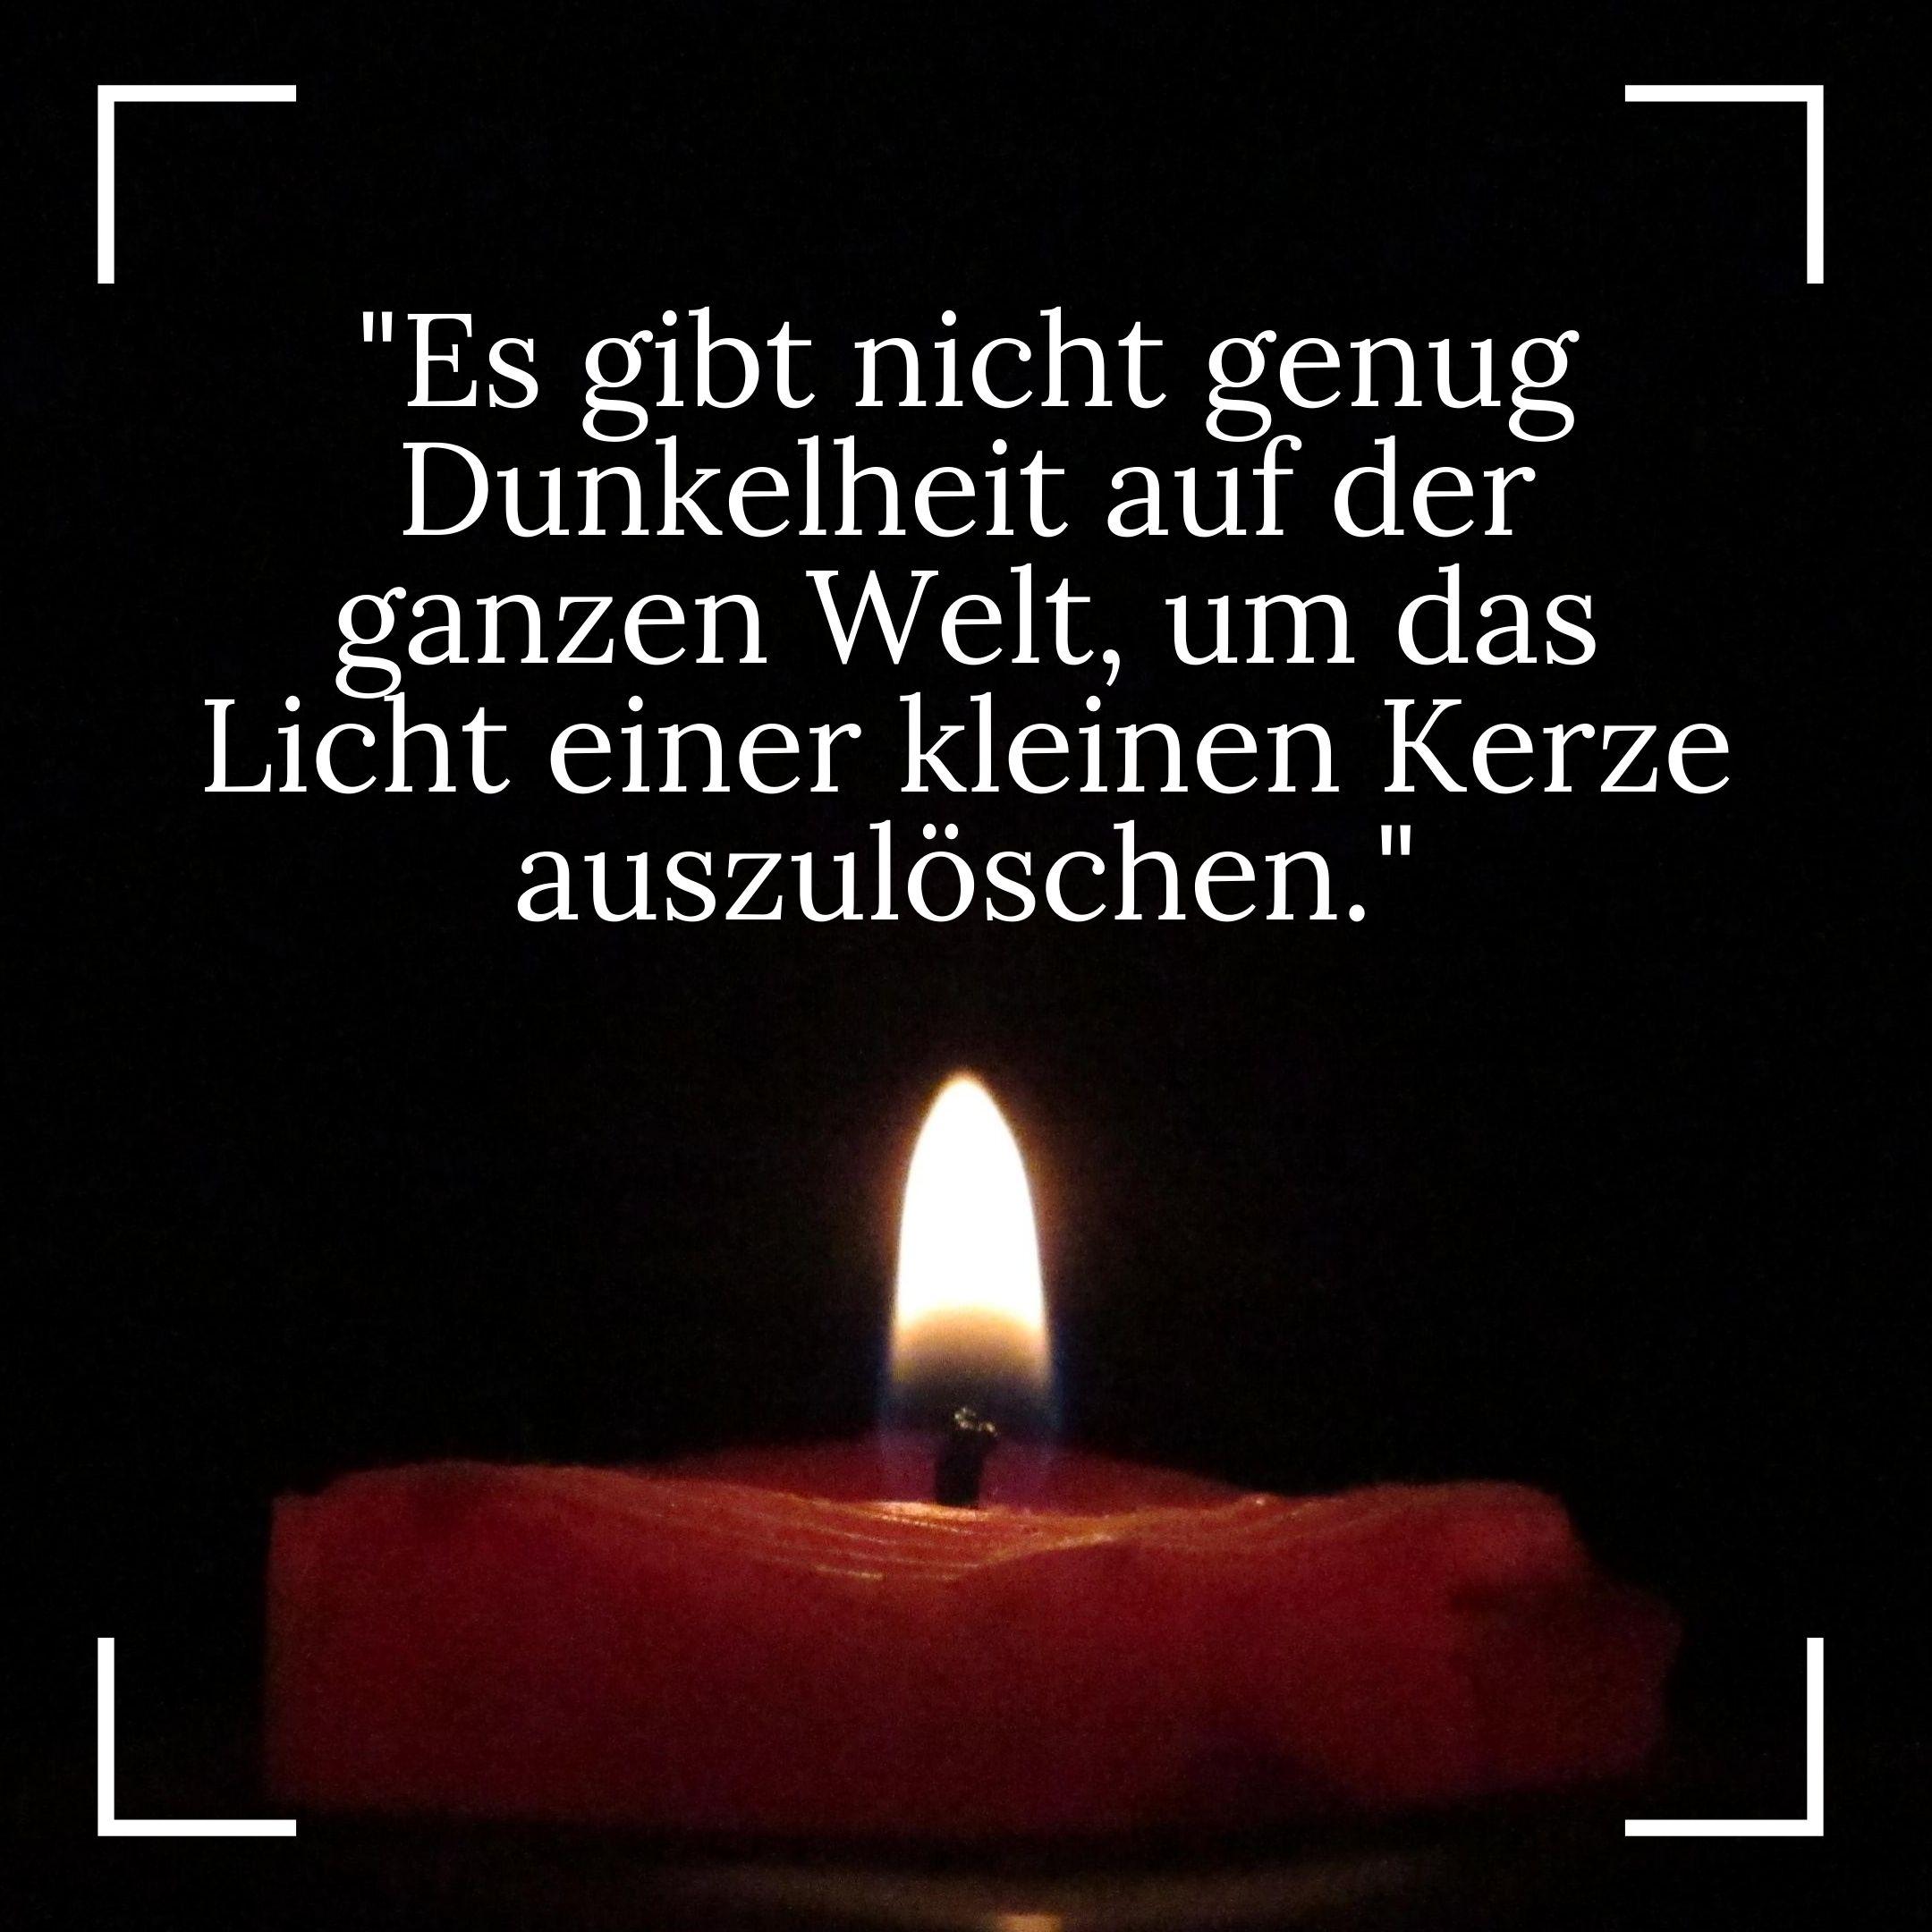 Buddhistische Weisheiten - Dunkelheit, kleine Kerze